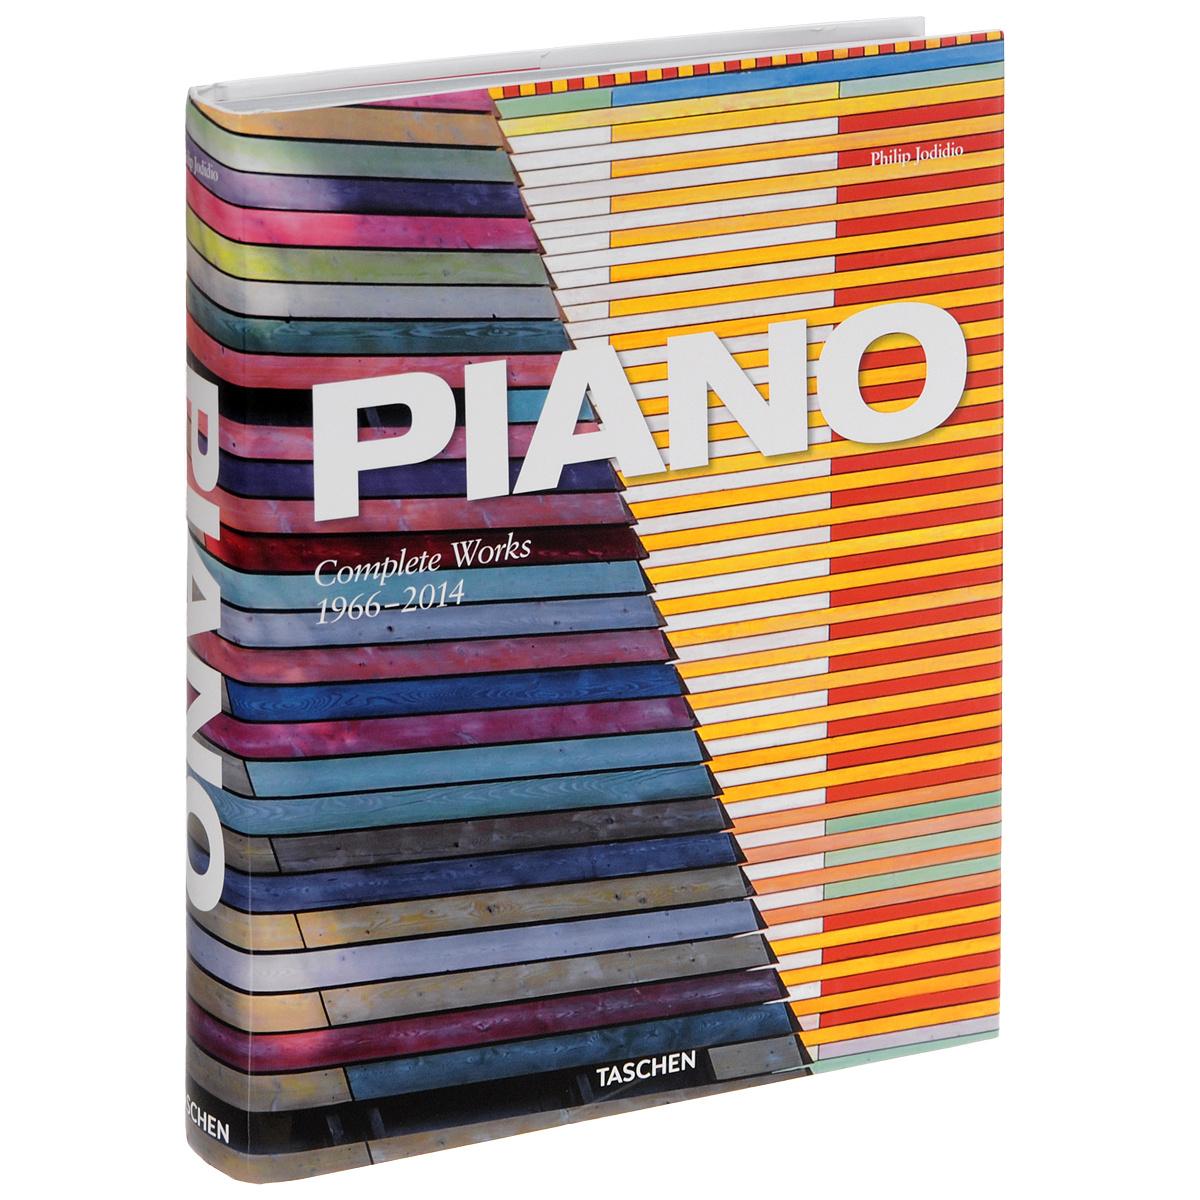 Piano: Complete Works 1966-2014 | Джодидио Филипп #1